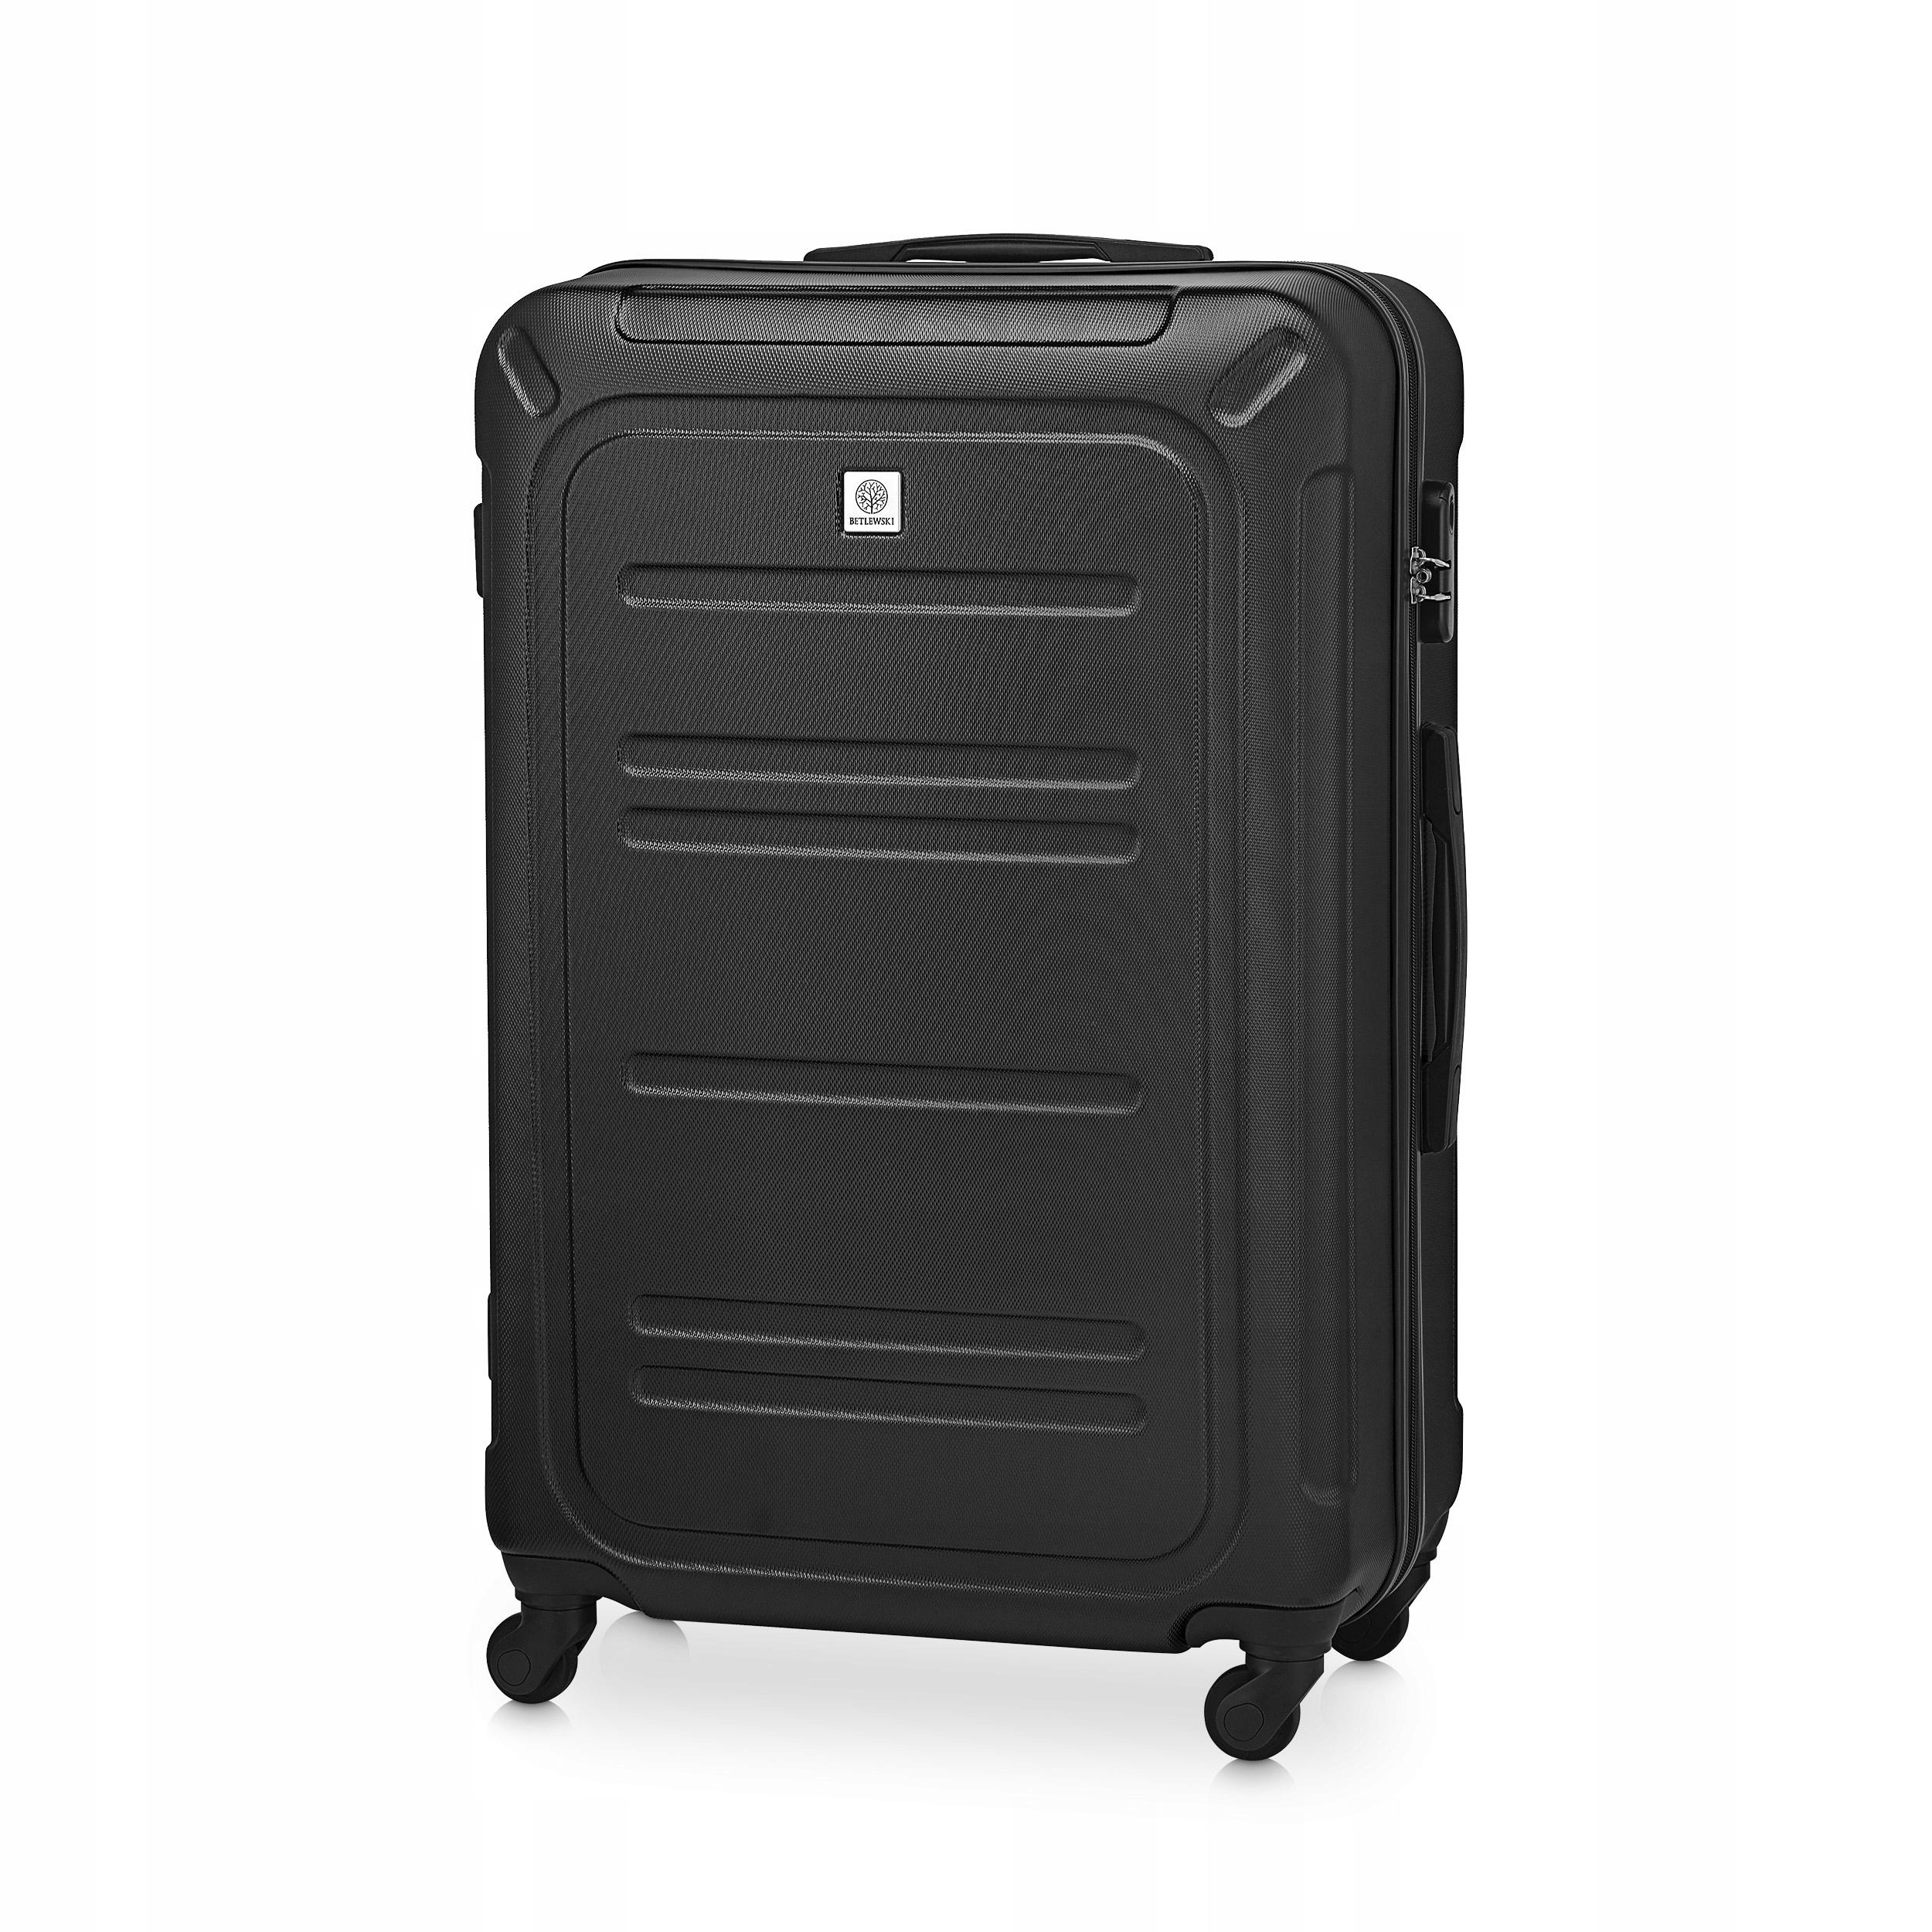 BETLEWSKI Duża walizka bagaż podróżny na 4 kółkach